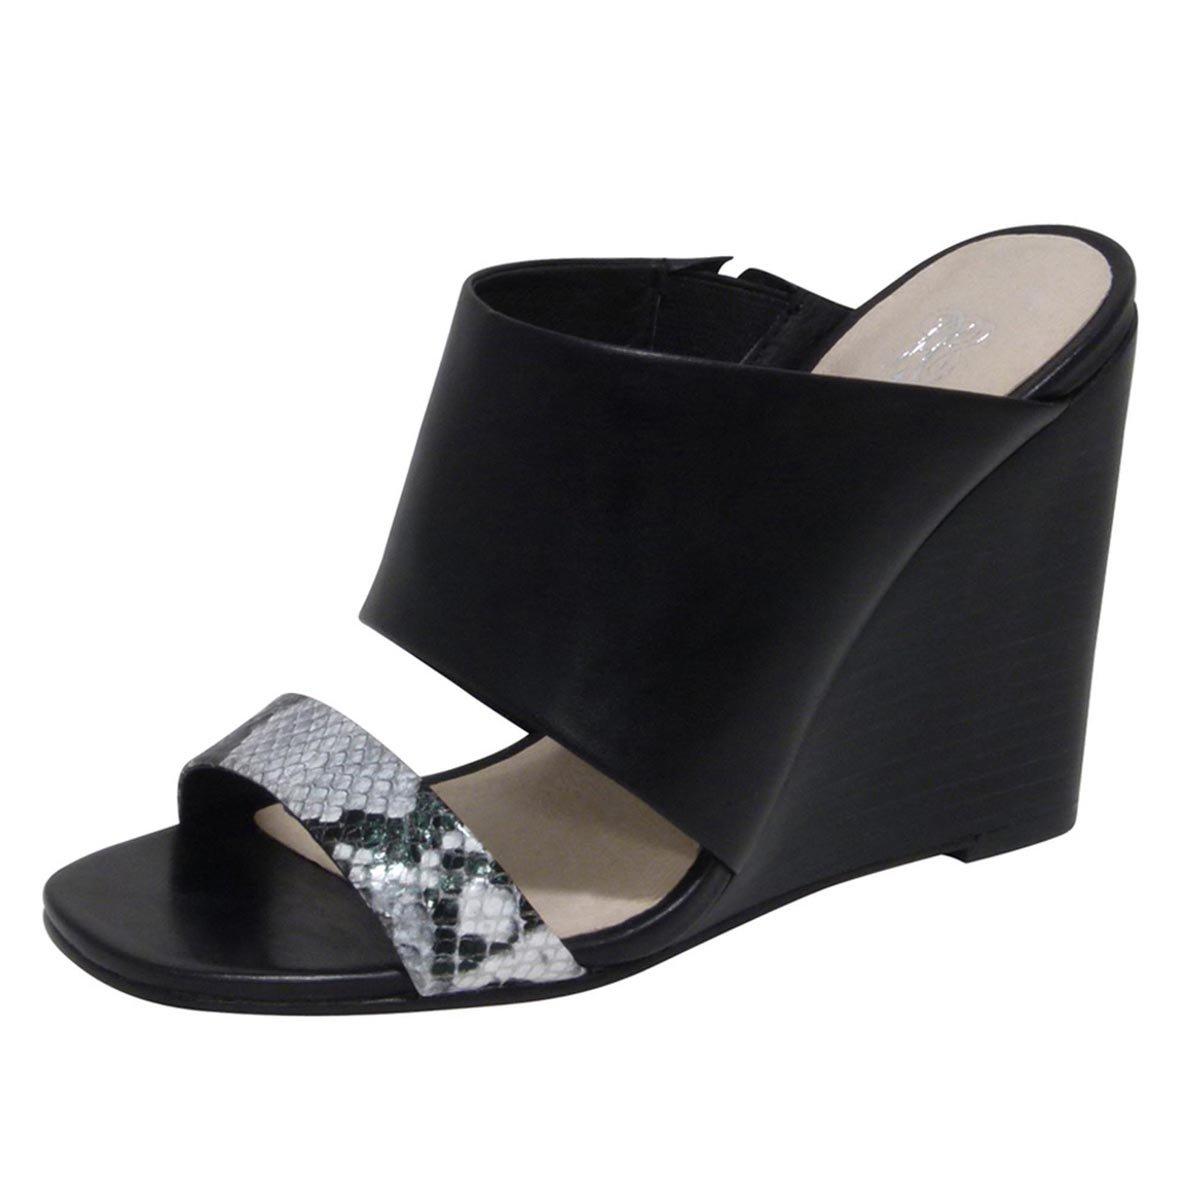 Andrew Stevens Women's Geneva Leather Wedge Sandal B00V3LLS60 5.5 B(M) US|Black